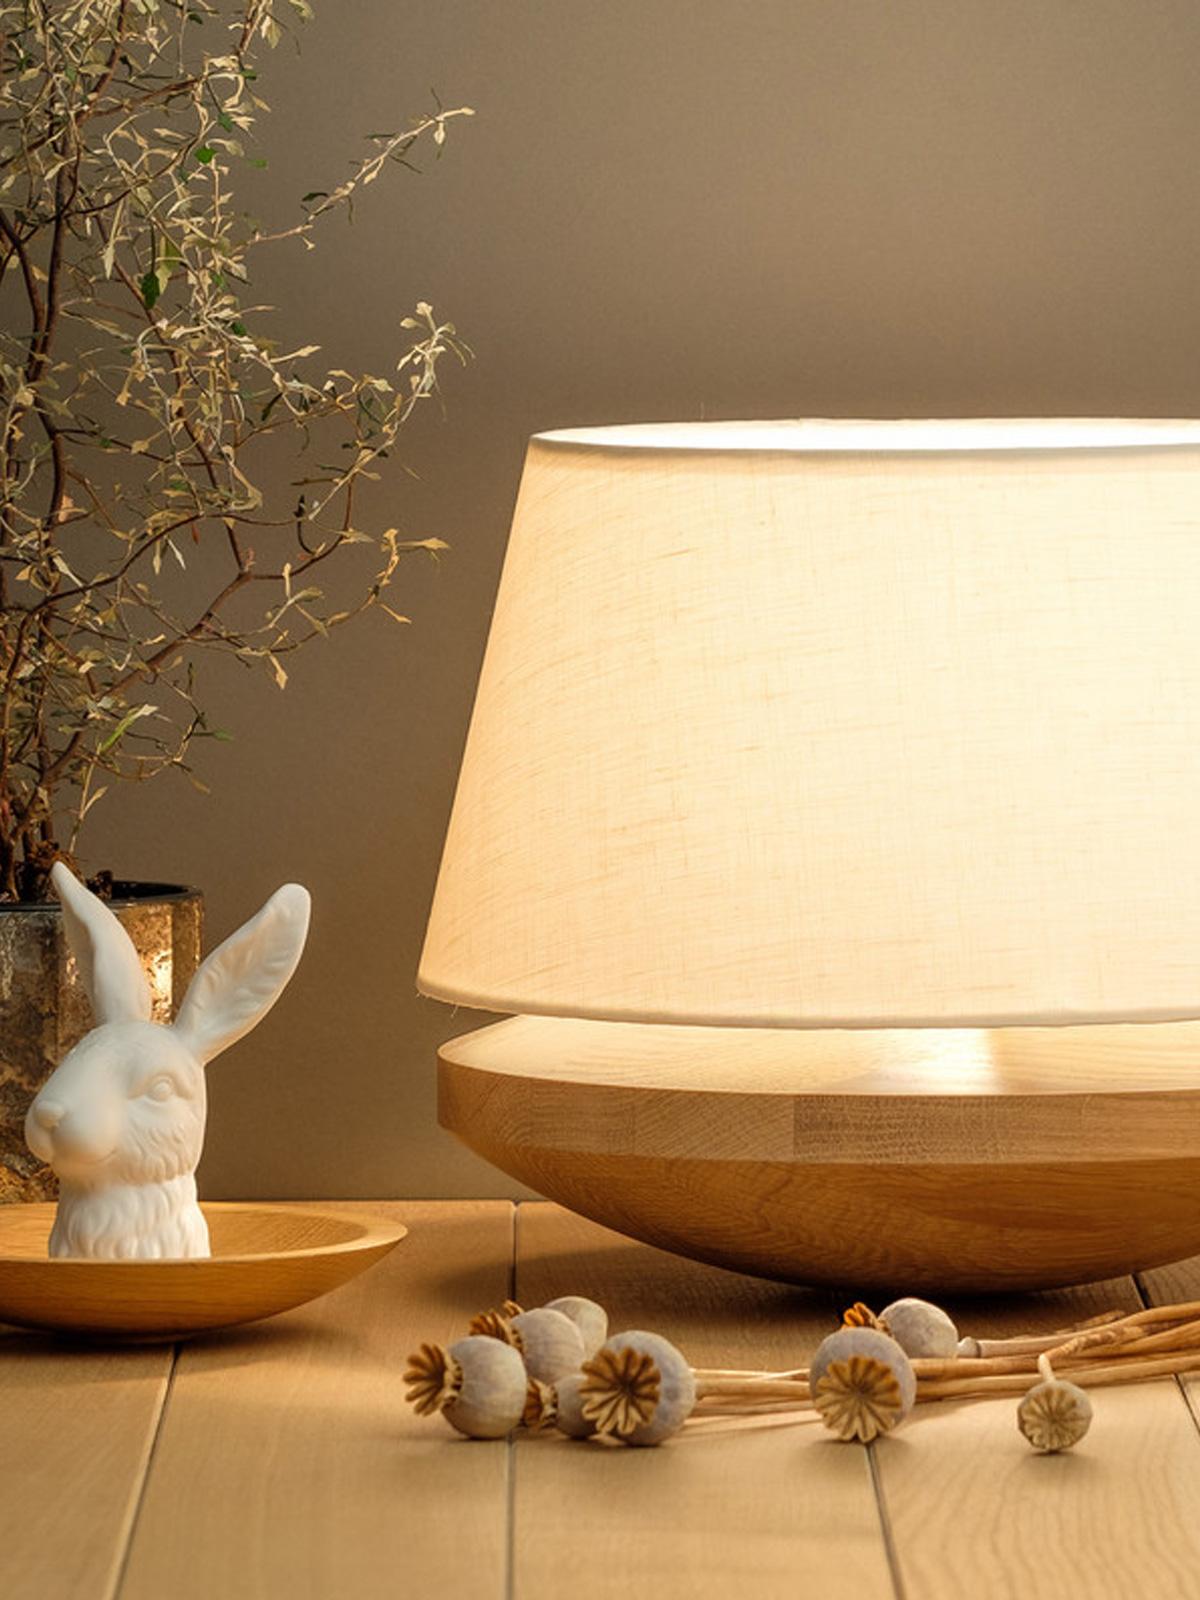 Domus Licht Kjell Tischlampe für diffuses Licht - Lampe mit Leinen und Holz